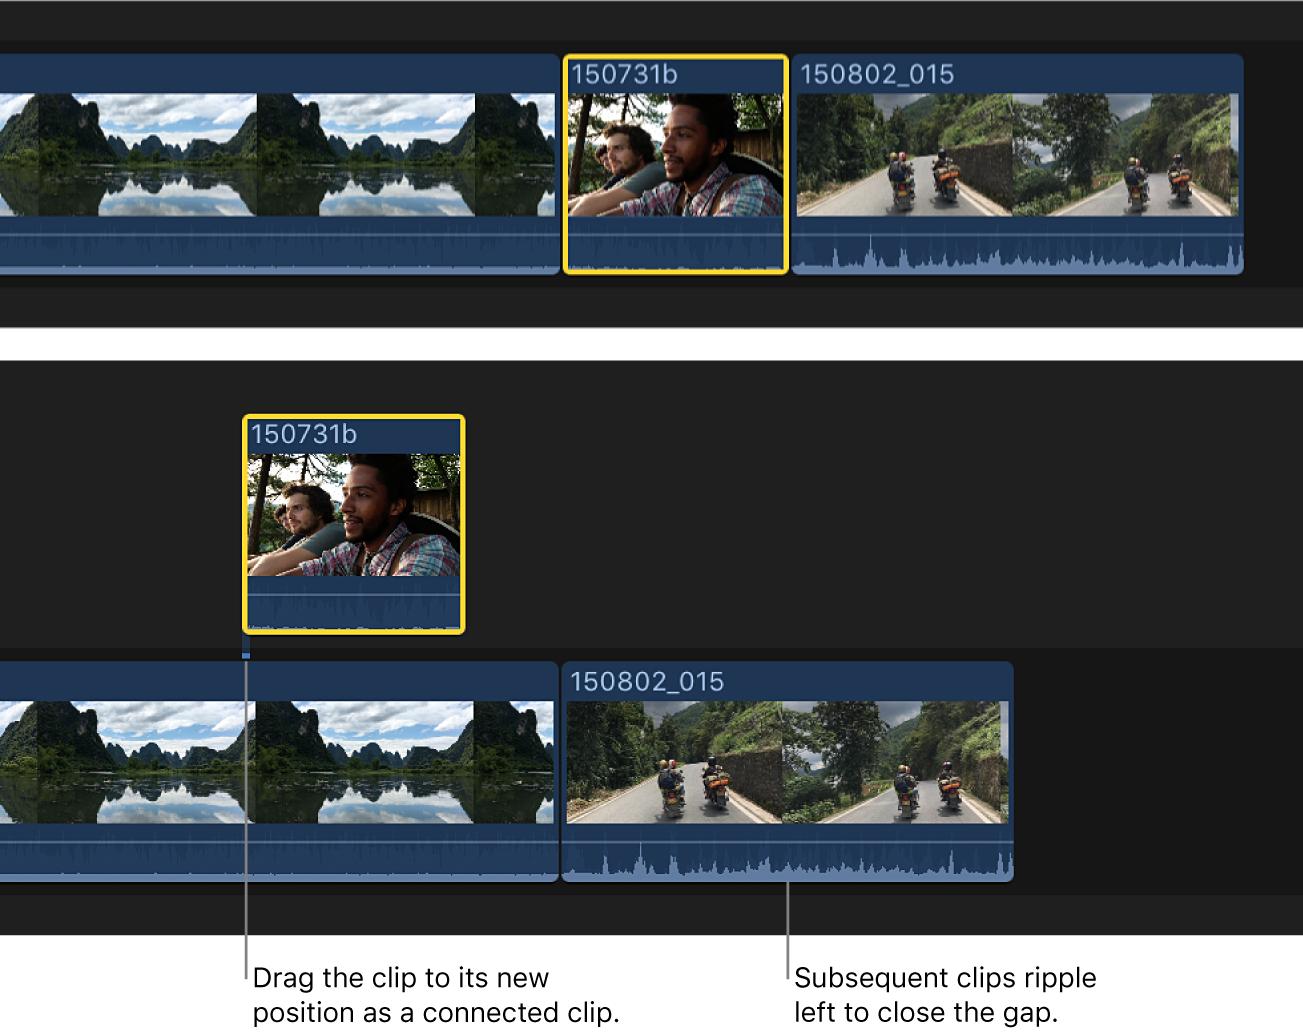 Arrastre de clip en la línea de tiempo desde el argumento principal a una nueva posición como clip conectado, lo que provoca el desplazamiento hacia la izquierda de los clips posteriores en el argumento principal para ocupar el espacio